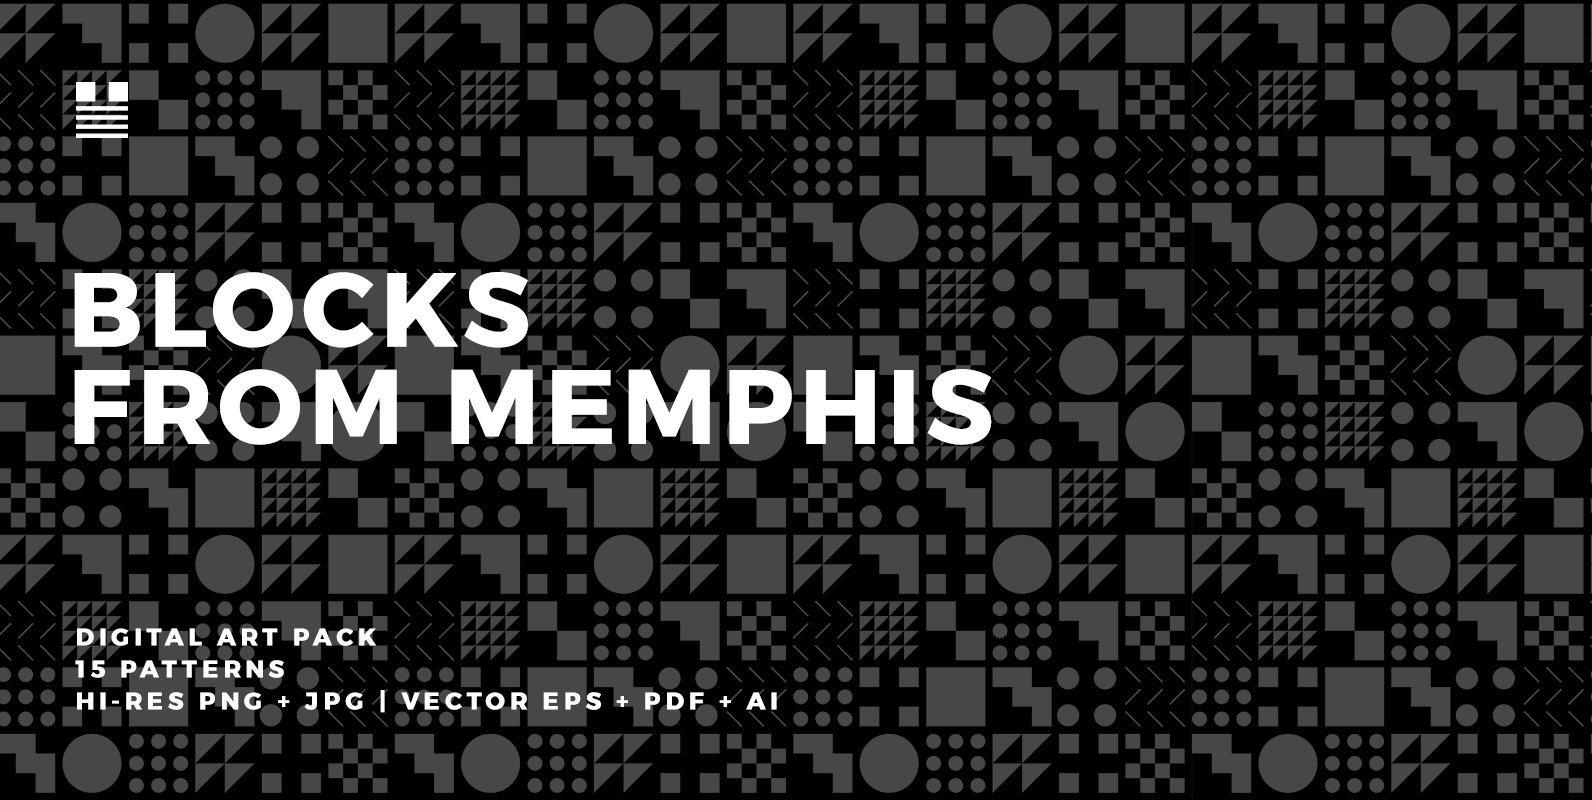 Blocks from Memphis